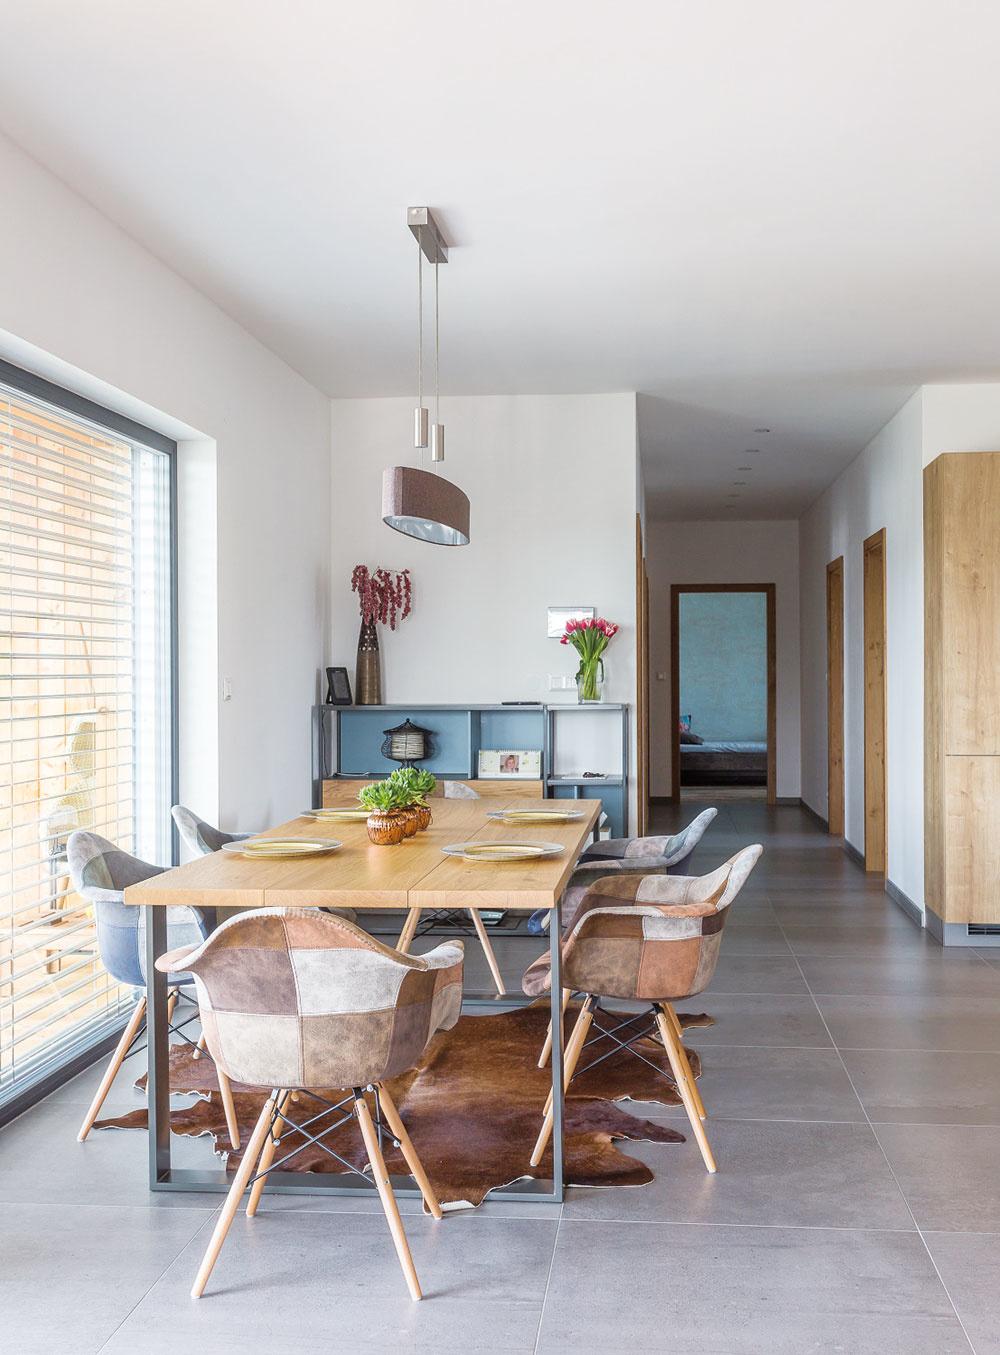 Jedálenskú časť tvoria masívny stôl apohodlné patchworkové kreslá. Nohy stolovníkov zahrieva kravská koža na podlahe azhora priestor opticky uzatvára podlhovasté stropné svietidlo. Všetko to pôsobí harmonicky aladí so zvyškom interiéru.